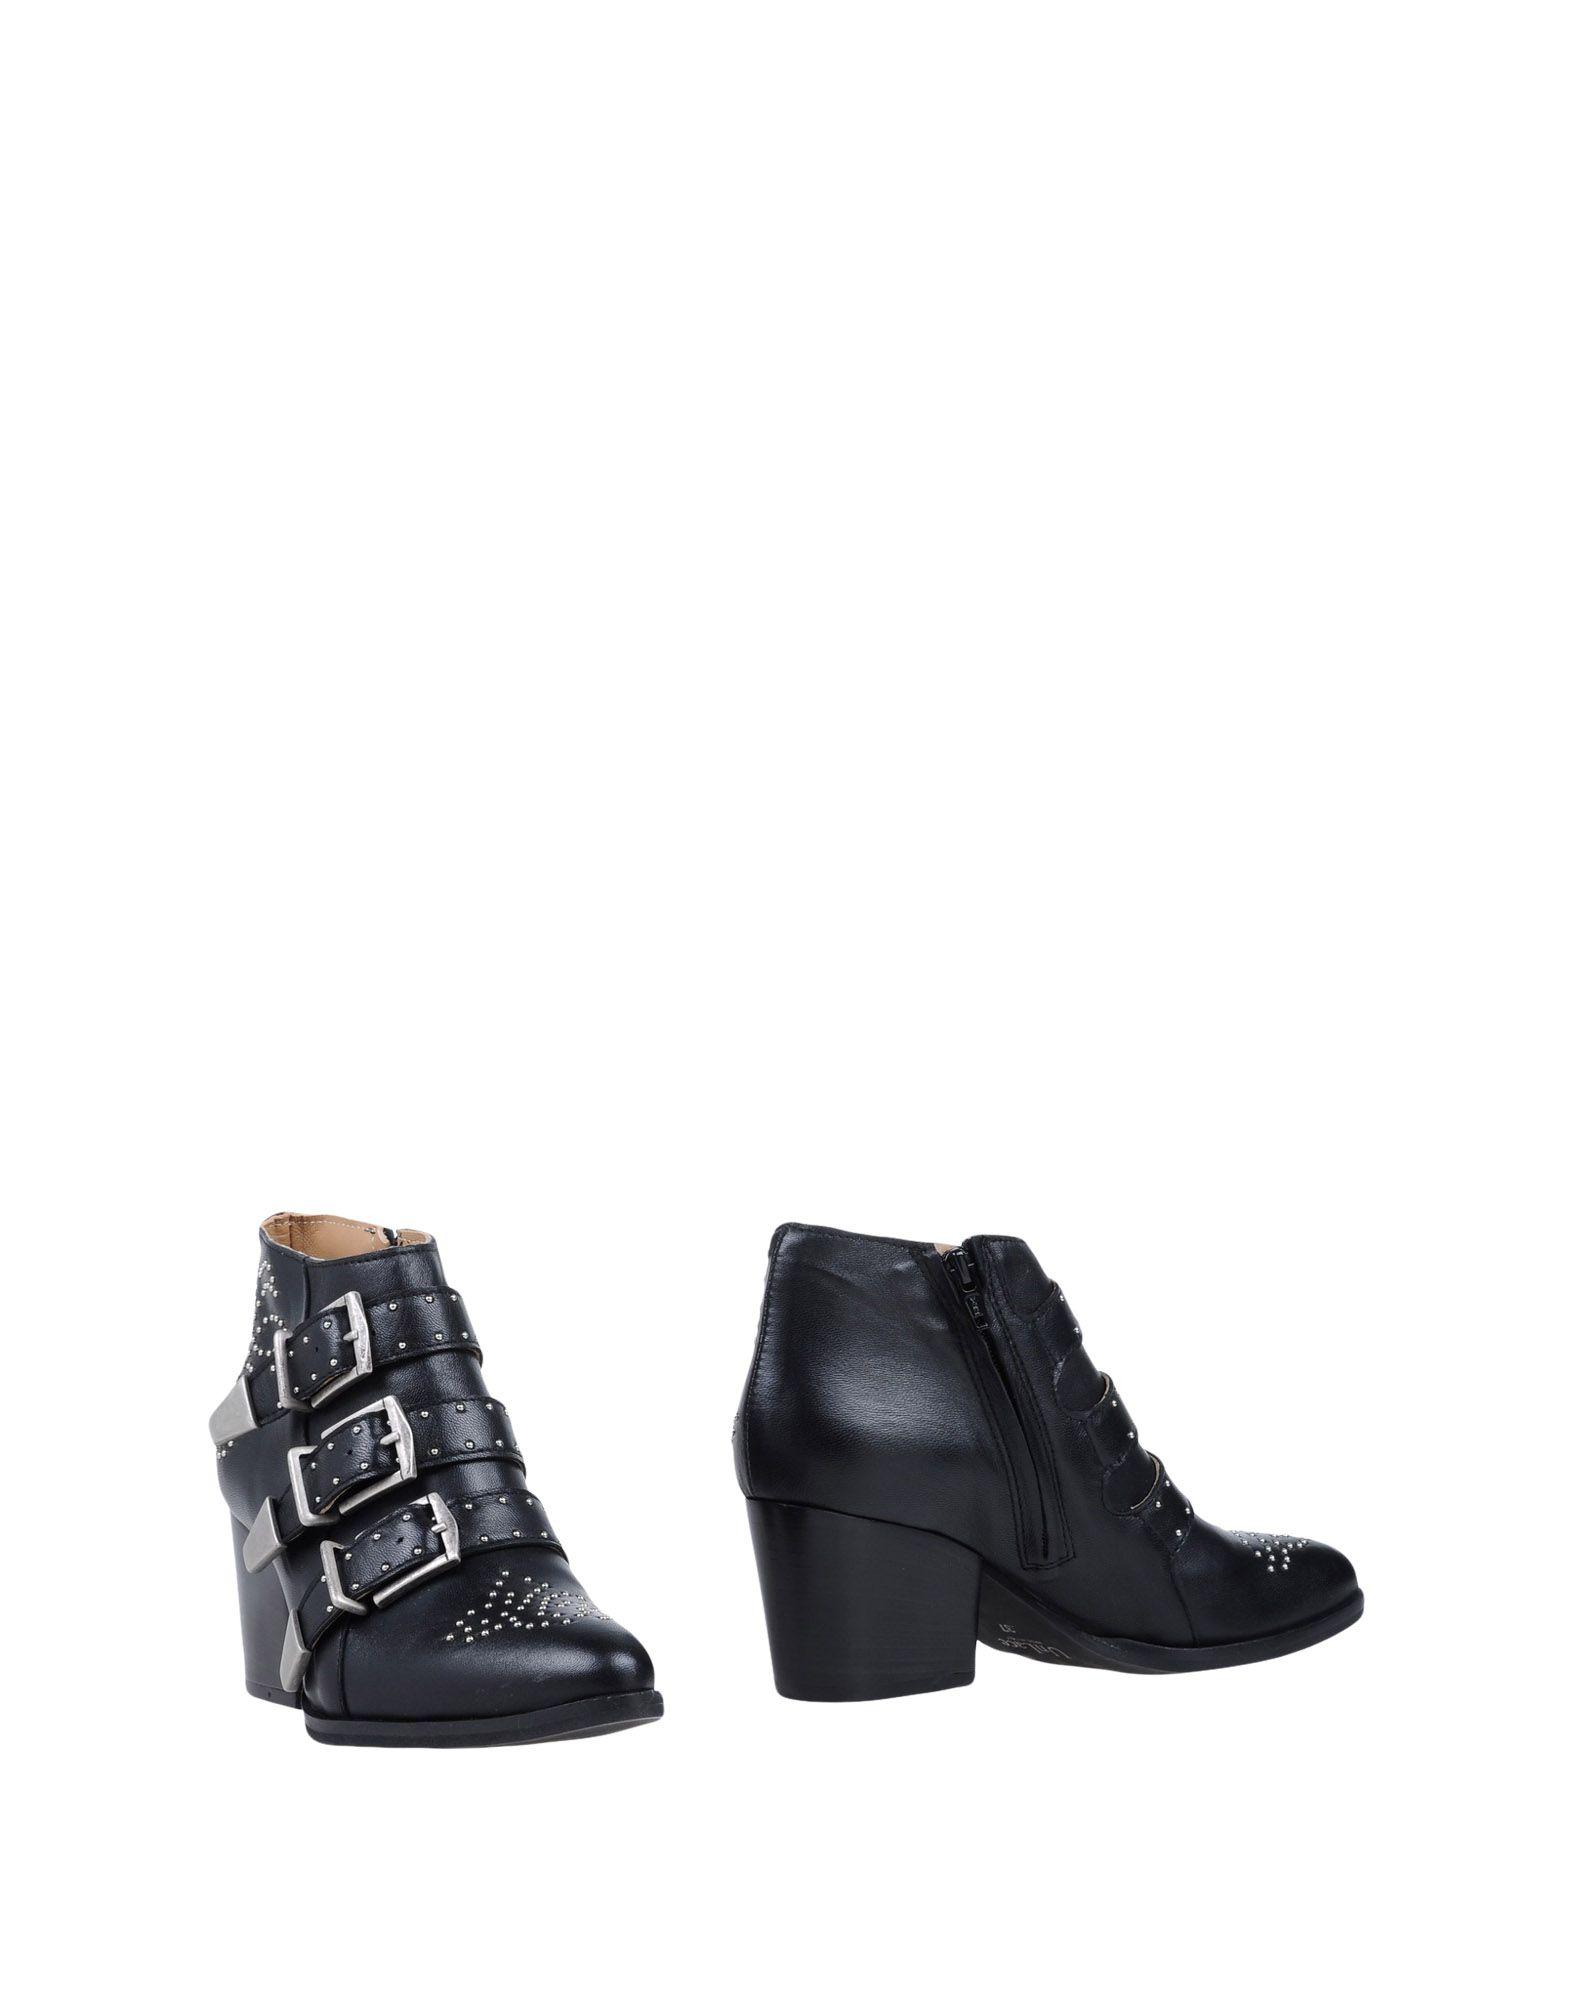 Moda Stivaletti Unlace Donna - 11377969QT